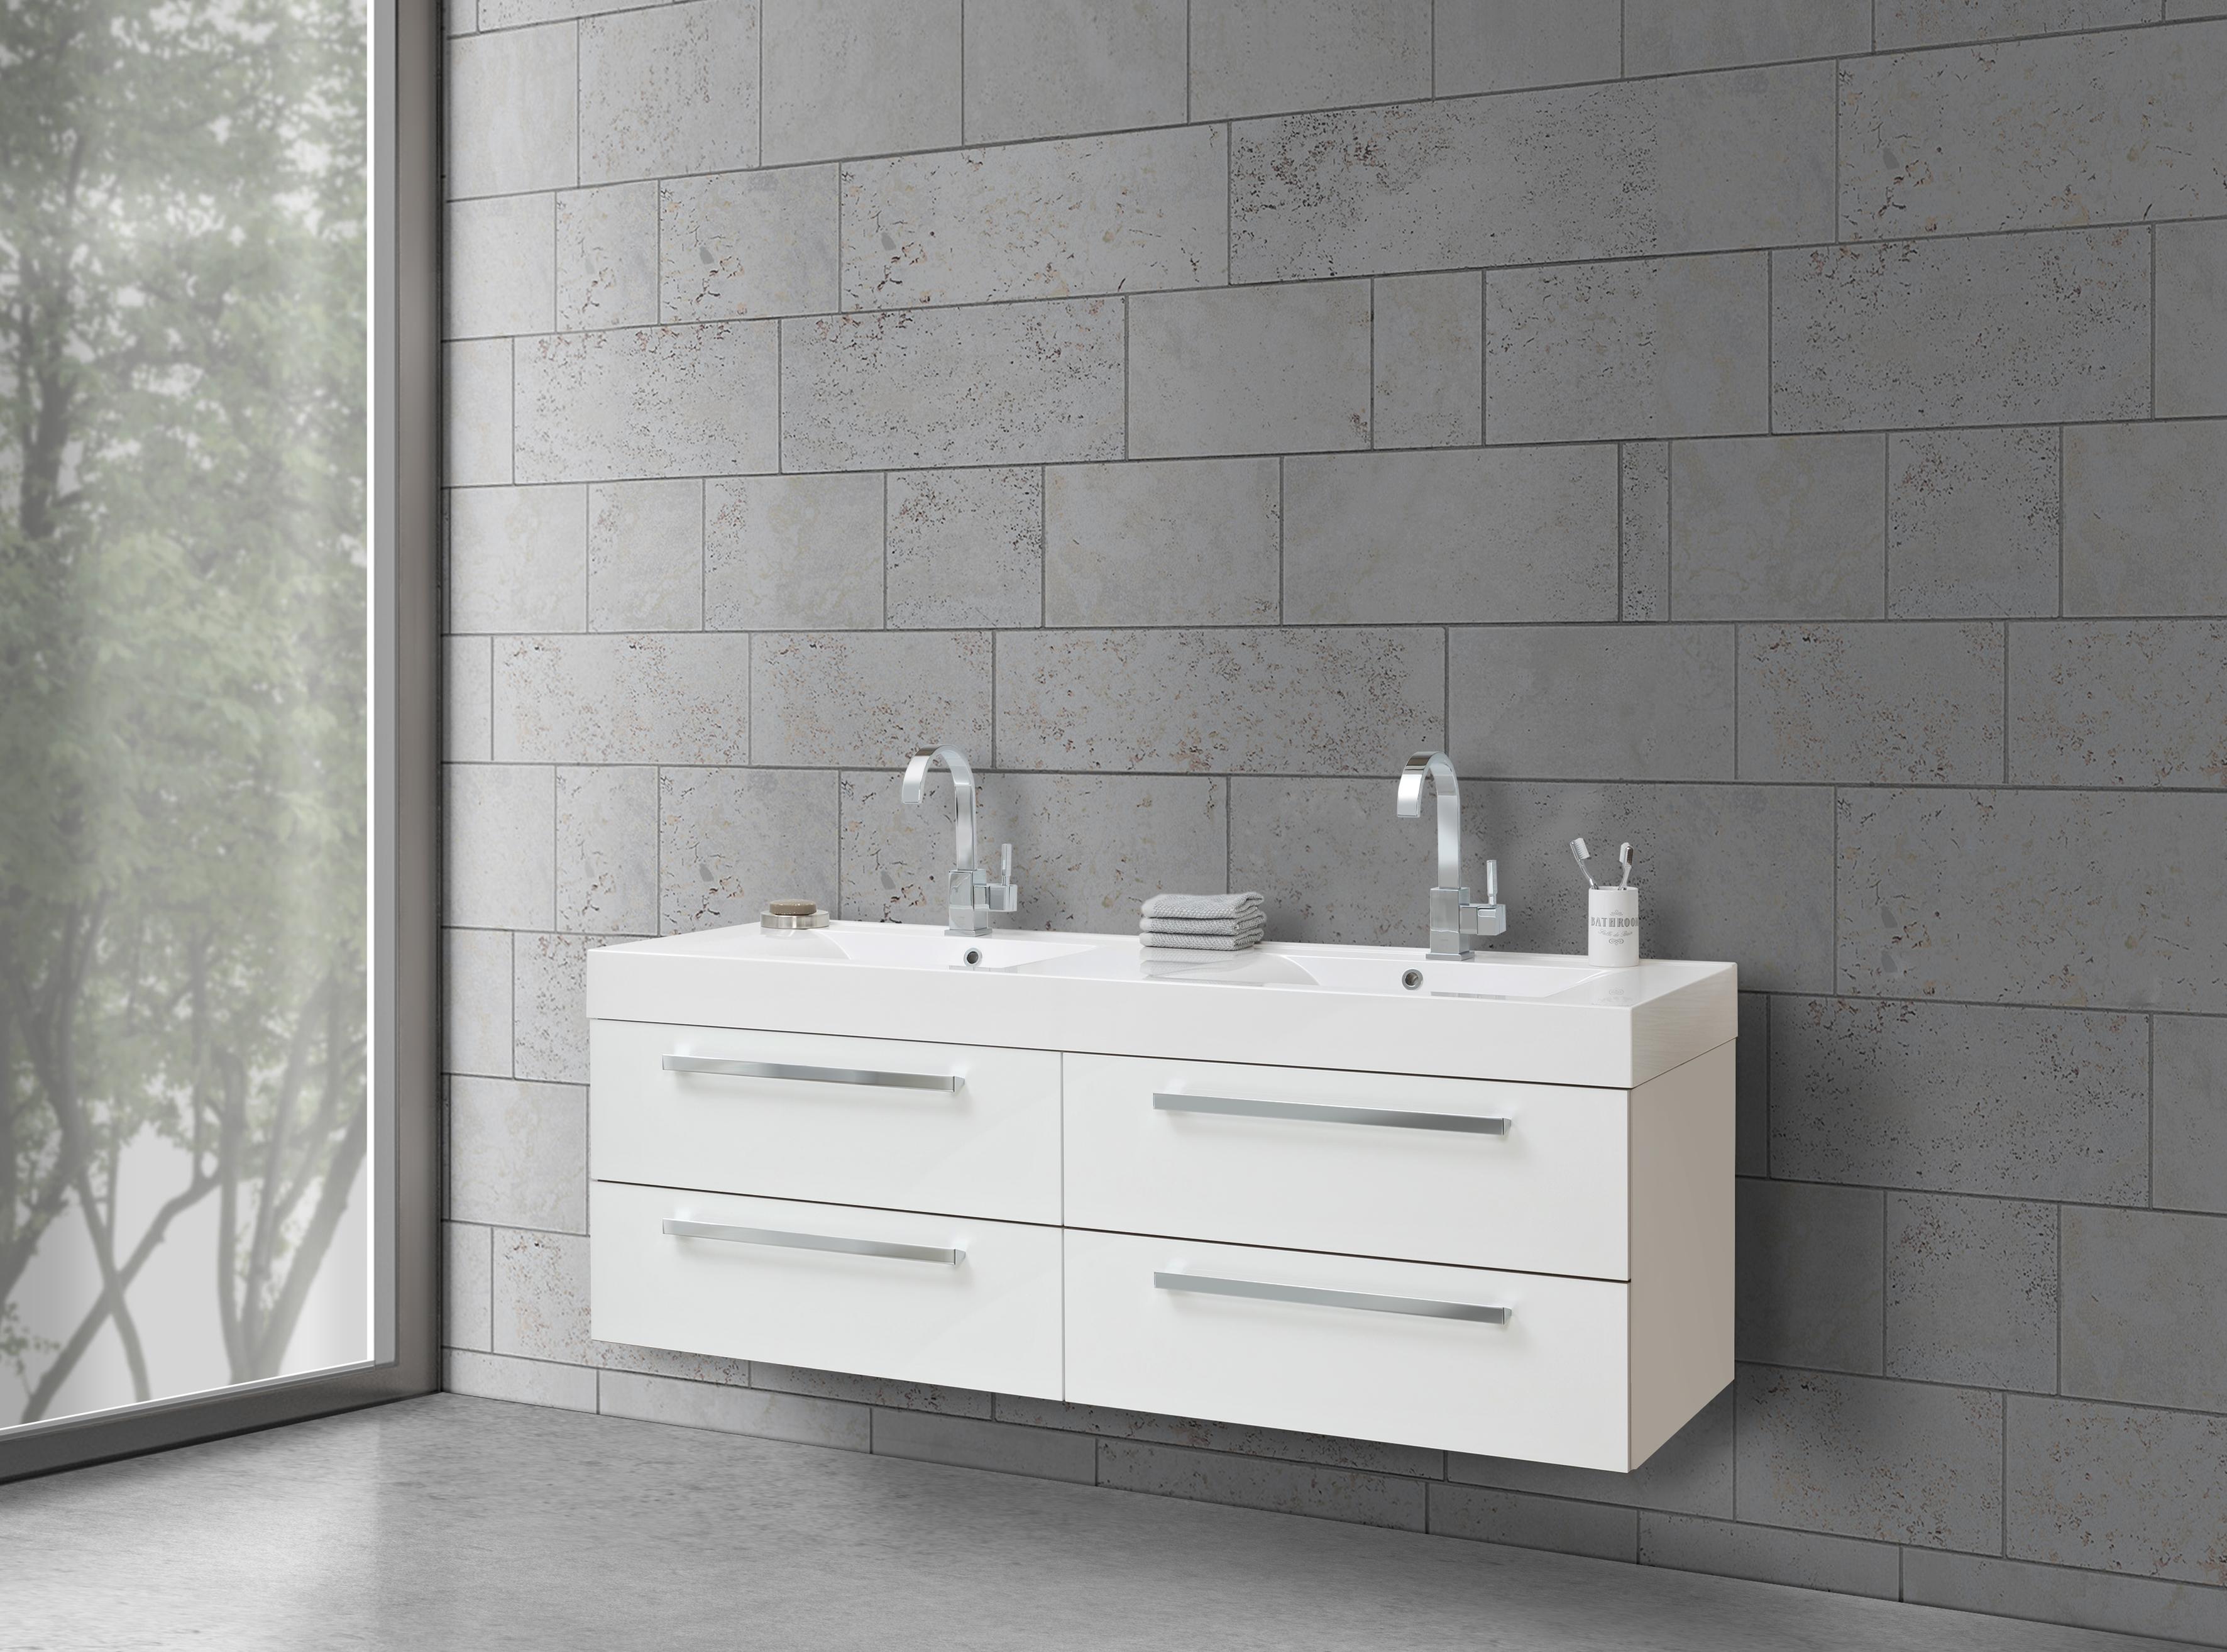 badm bel doppelwaschtisch 160 cm evermite mit unterschrank intarbad salerno 2 0. Black Bedroom Furniture Sets. Home Design Ideas